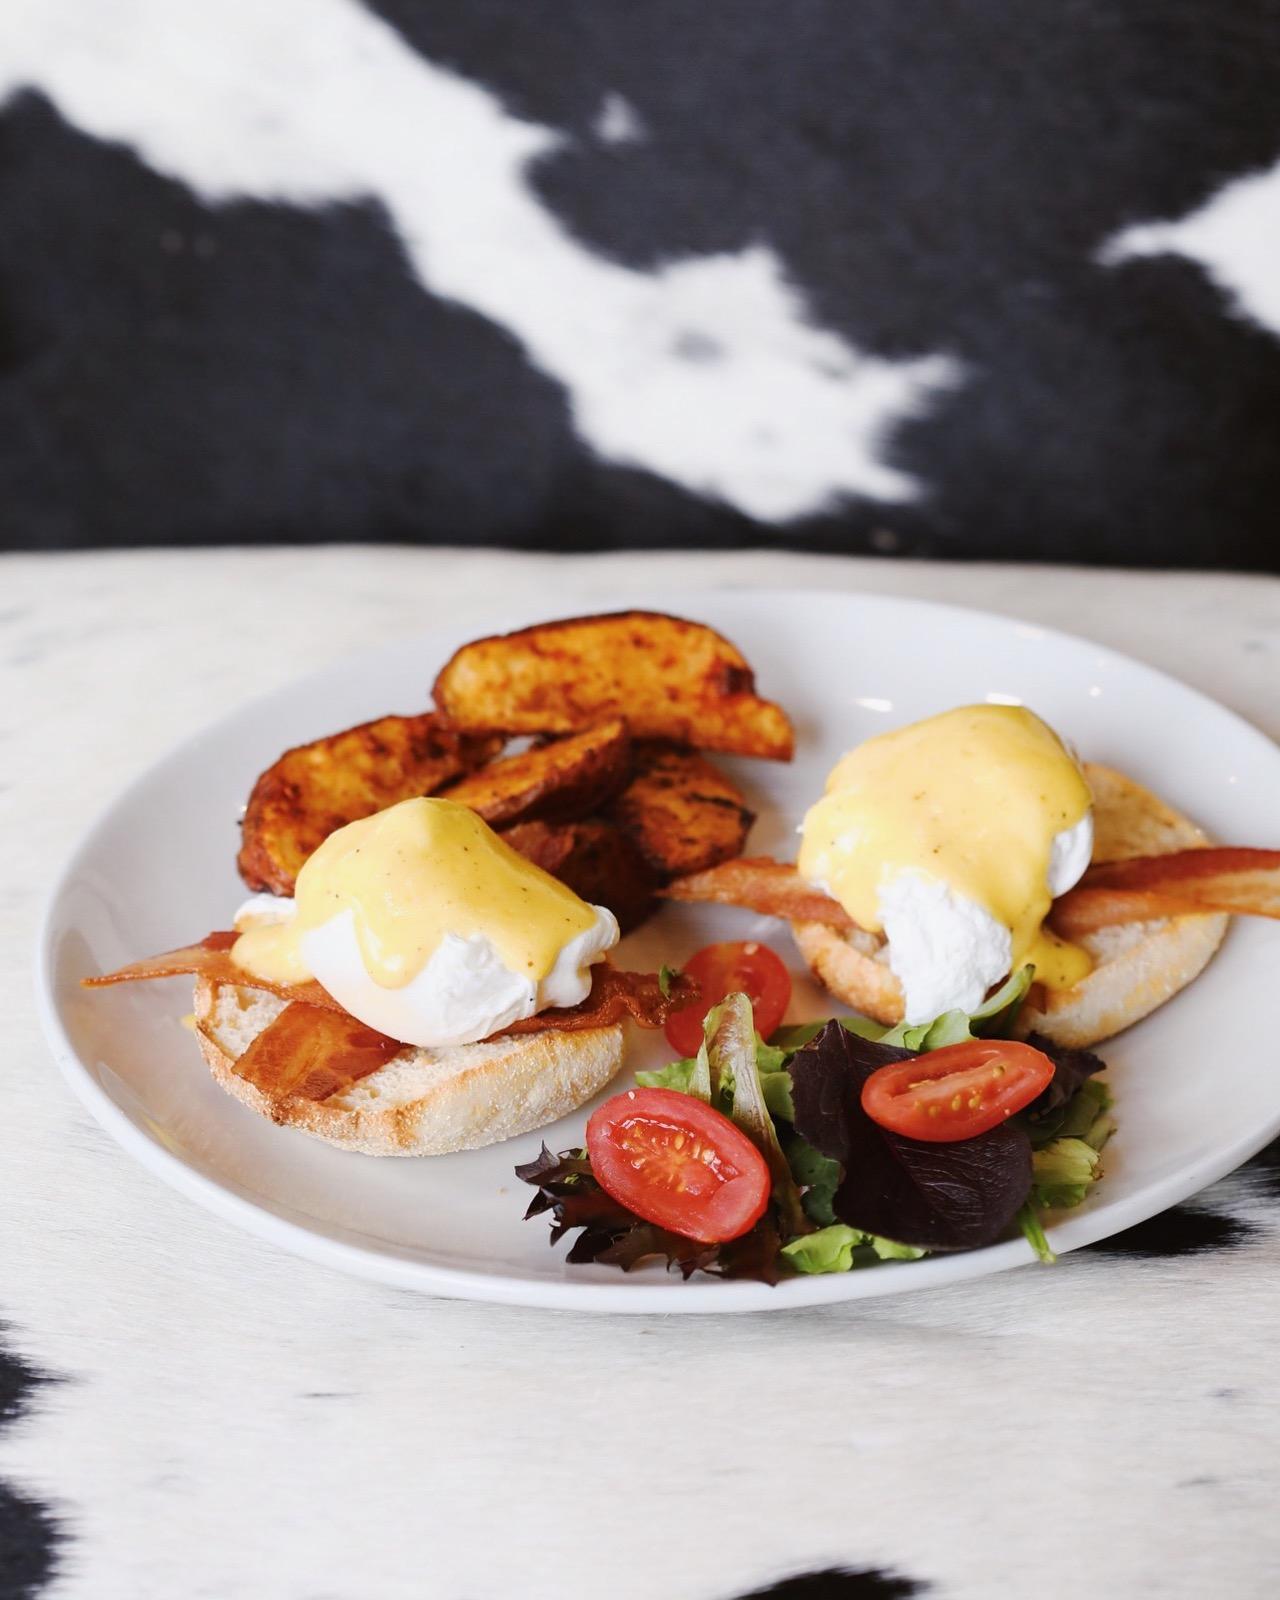 Bacon & Eggs Benedict